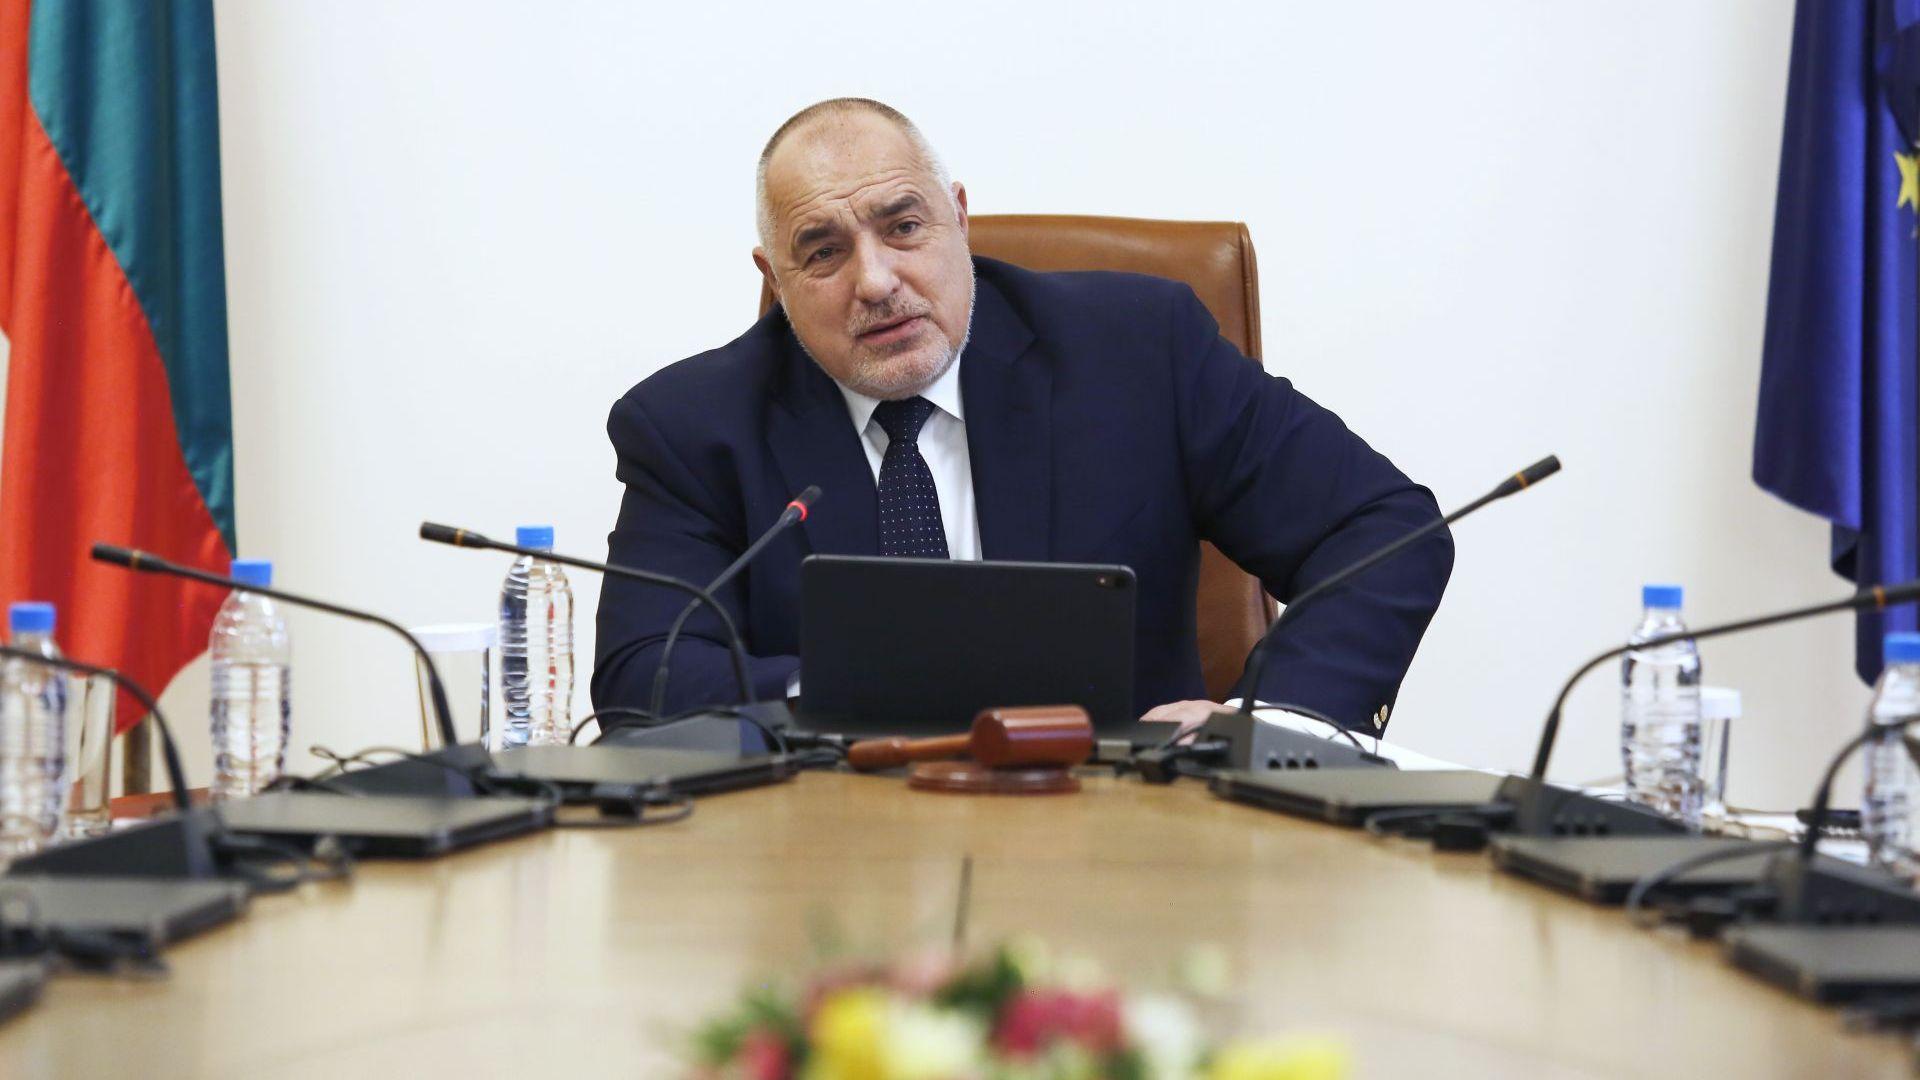 Бойко Борисов: Заведенията ще отворят, ако броят на заболелите не се увеличи много